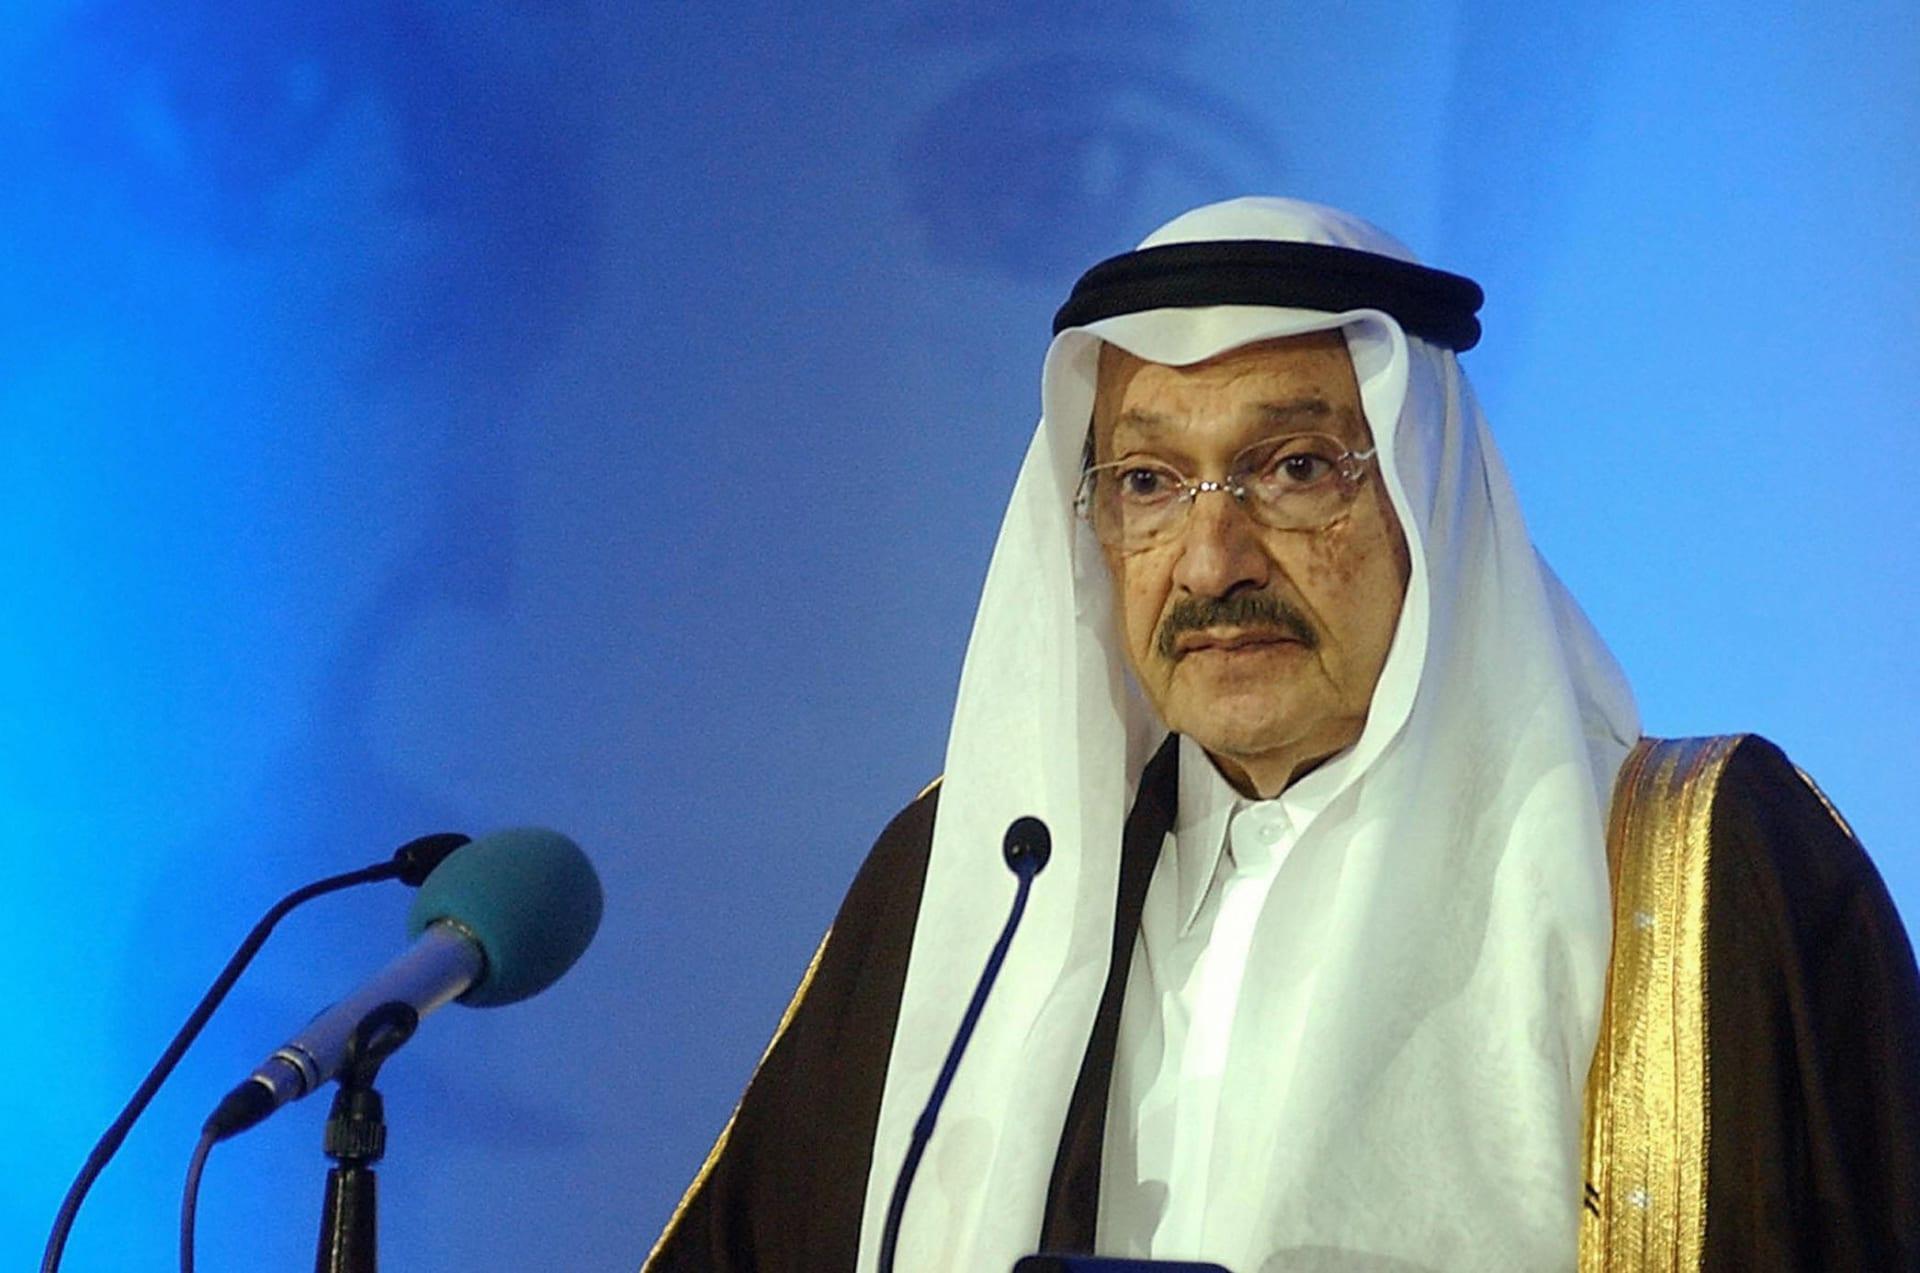 الأمير طلال بن عبدالعزيز بأعنف اعتراض على التعيينات الملكية: لا بيعة لمن خالف الشريعة والأنظمة وأدعو لاجتماع عام للأسرة